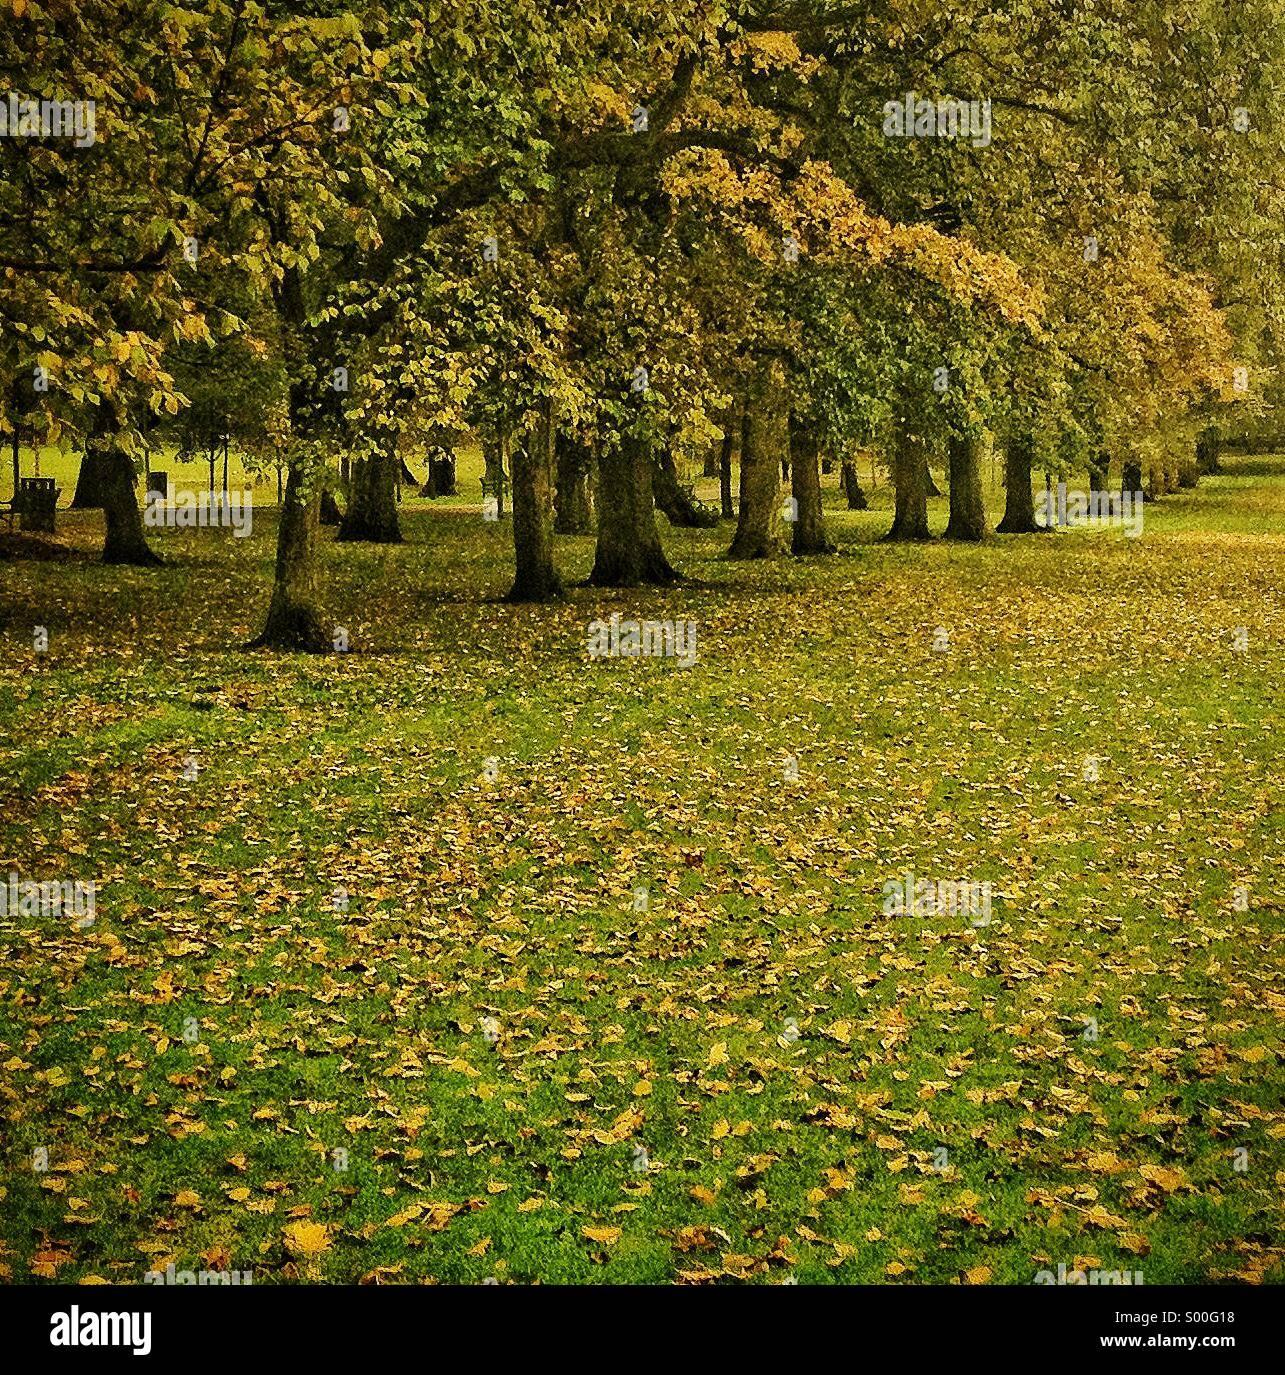 Alberi percorso rivestito in autunno, Edinburgh, Regno Unito Immagini Stock